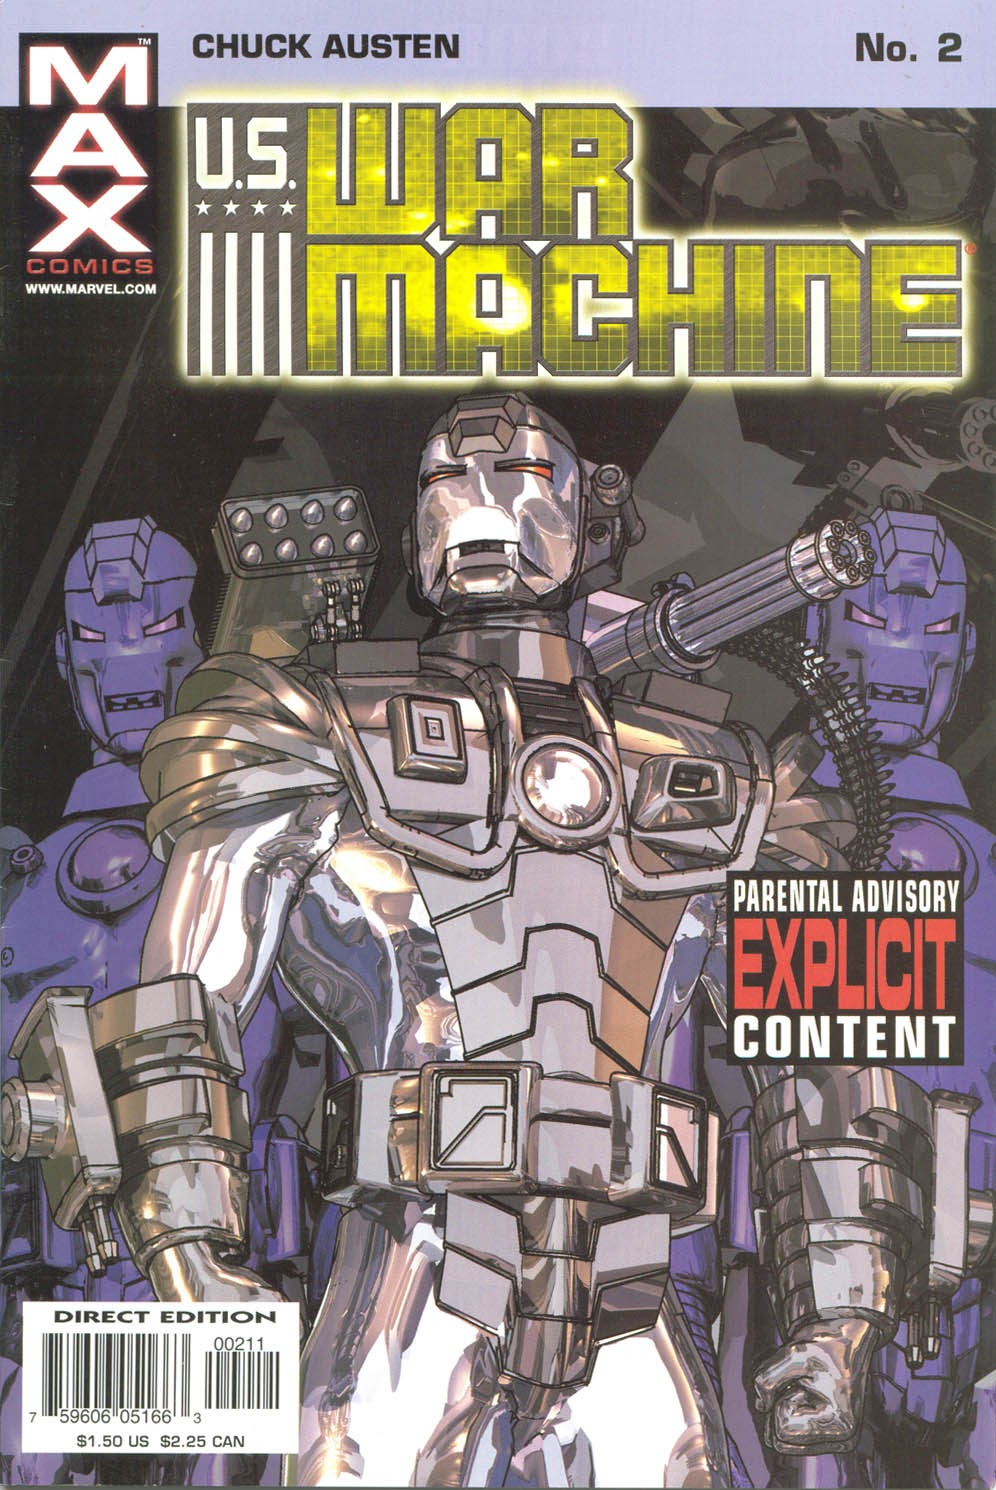 Read online U.S. War Machine comic -  Issue #2 - 1